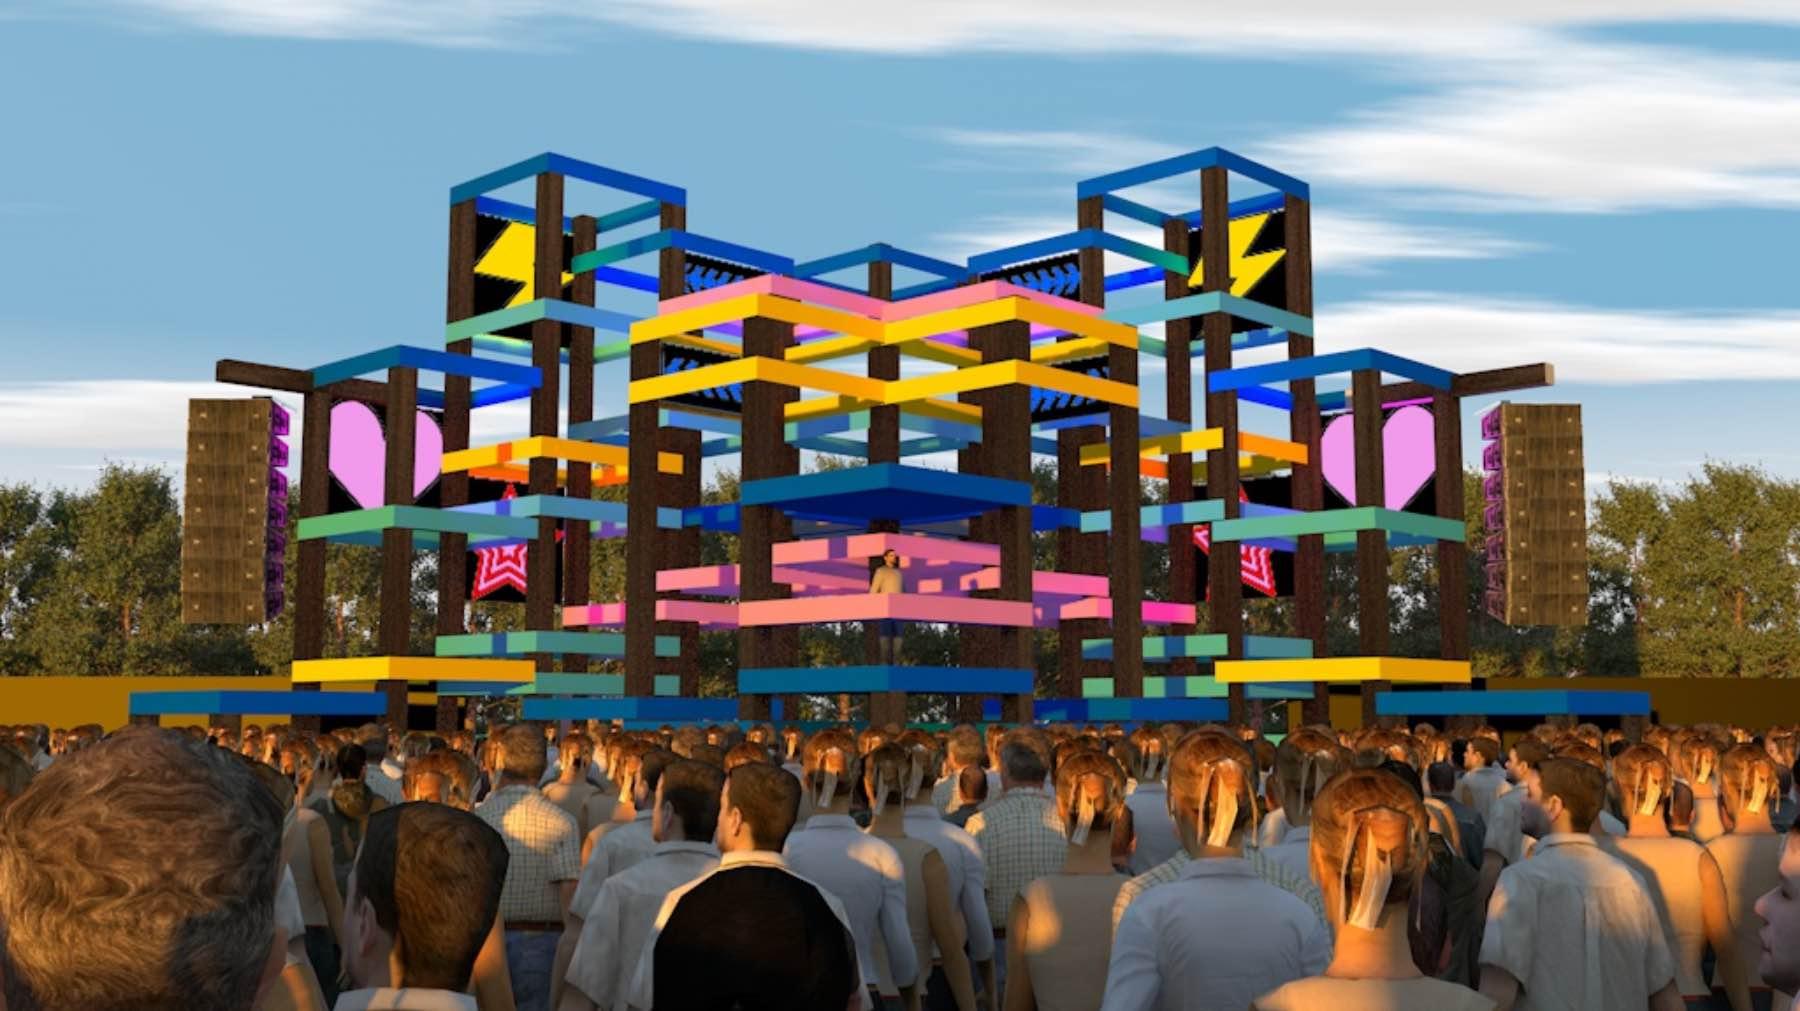 lucid-the-pavilion-1@2x